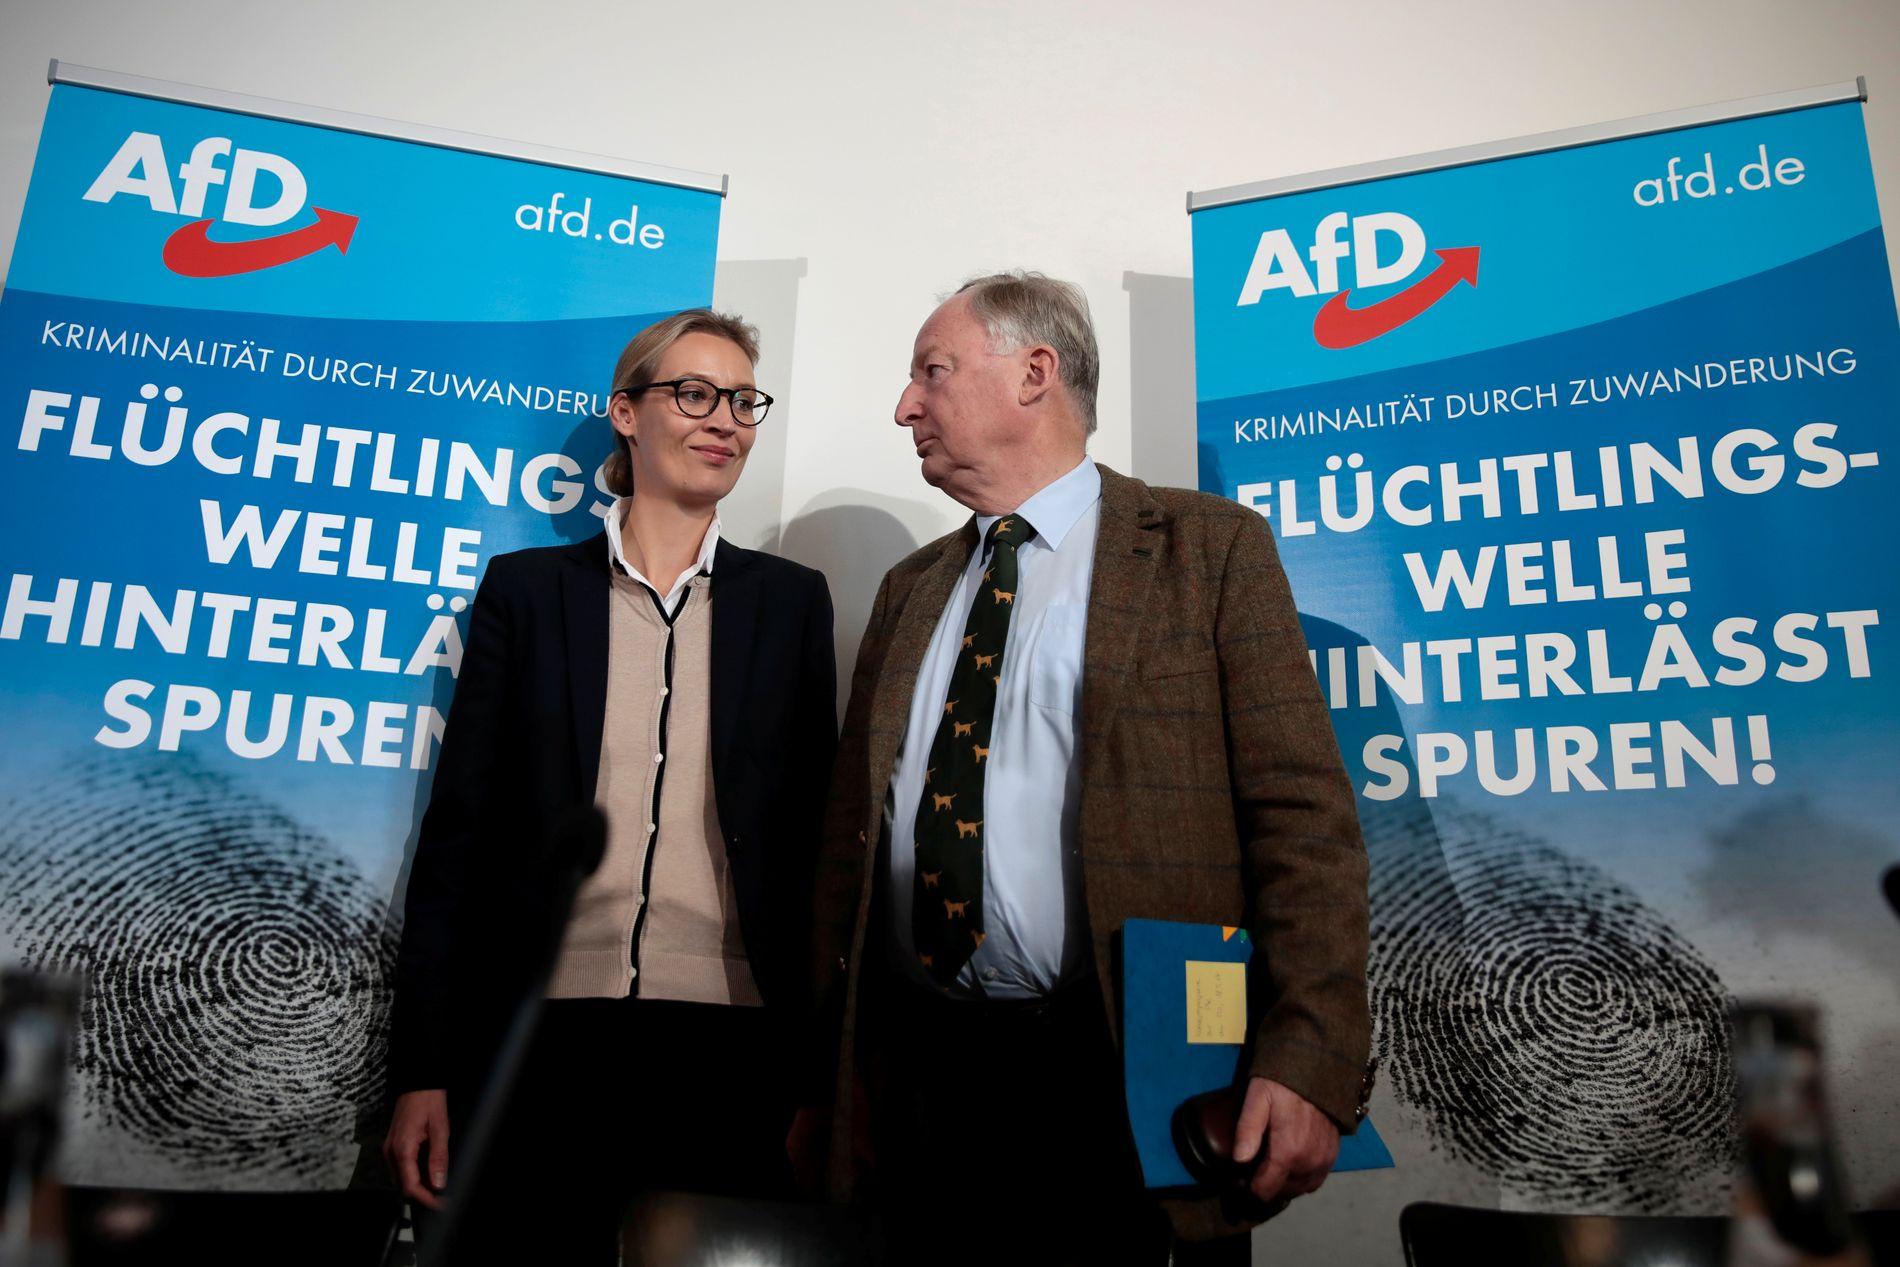 KONTROVERSIELLE UTTALELSER: AfD kan bli tysklands tredje største parti. Toppkandidatene er Alice Weidel og Alexander Gauland. Sistnevnte kom i september med et kontroversielt utsagn.